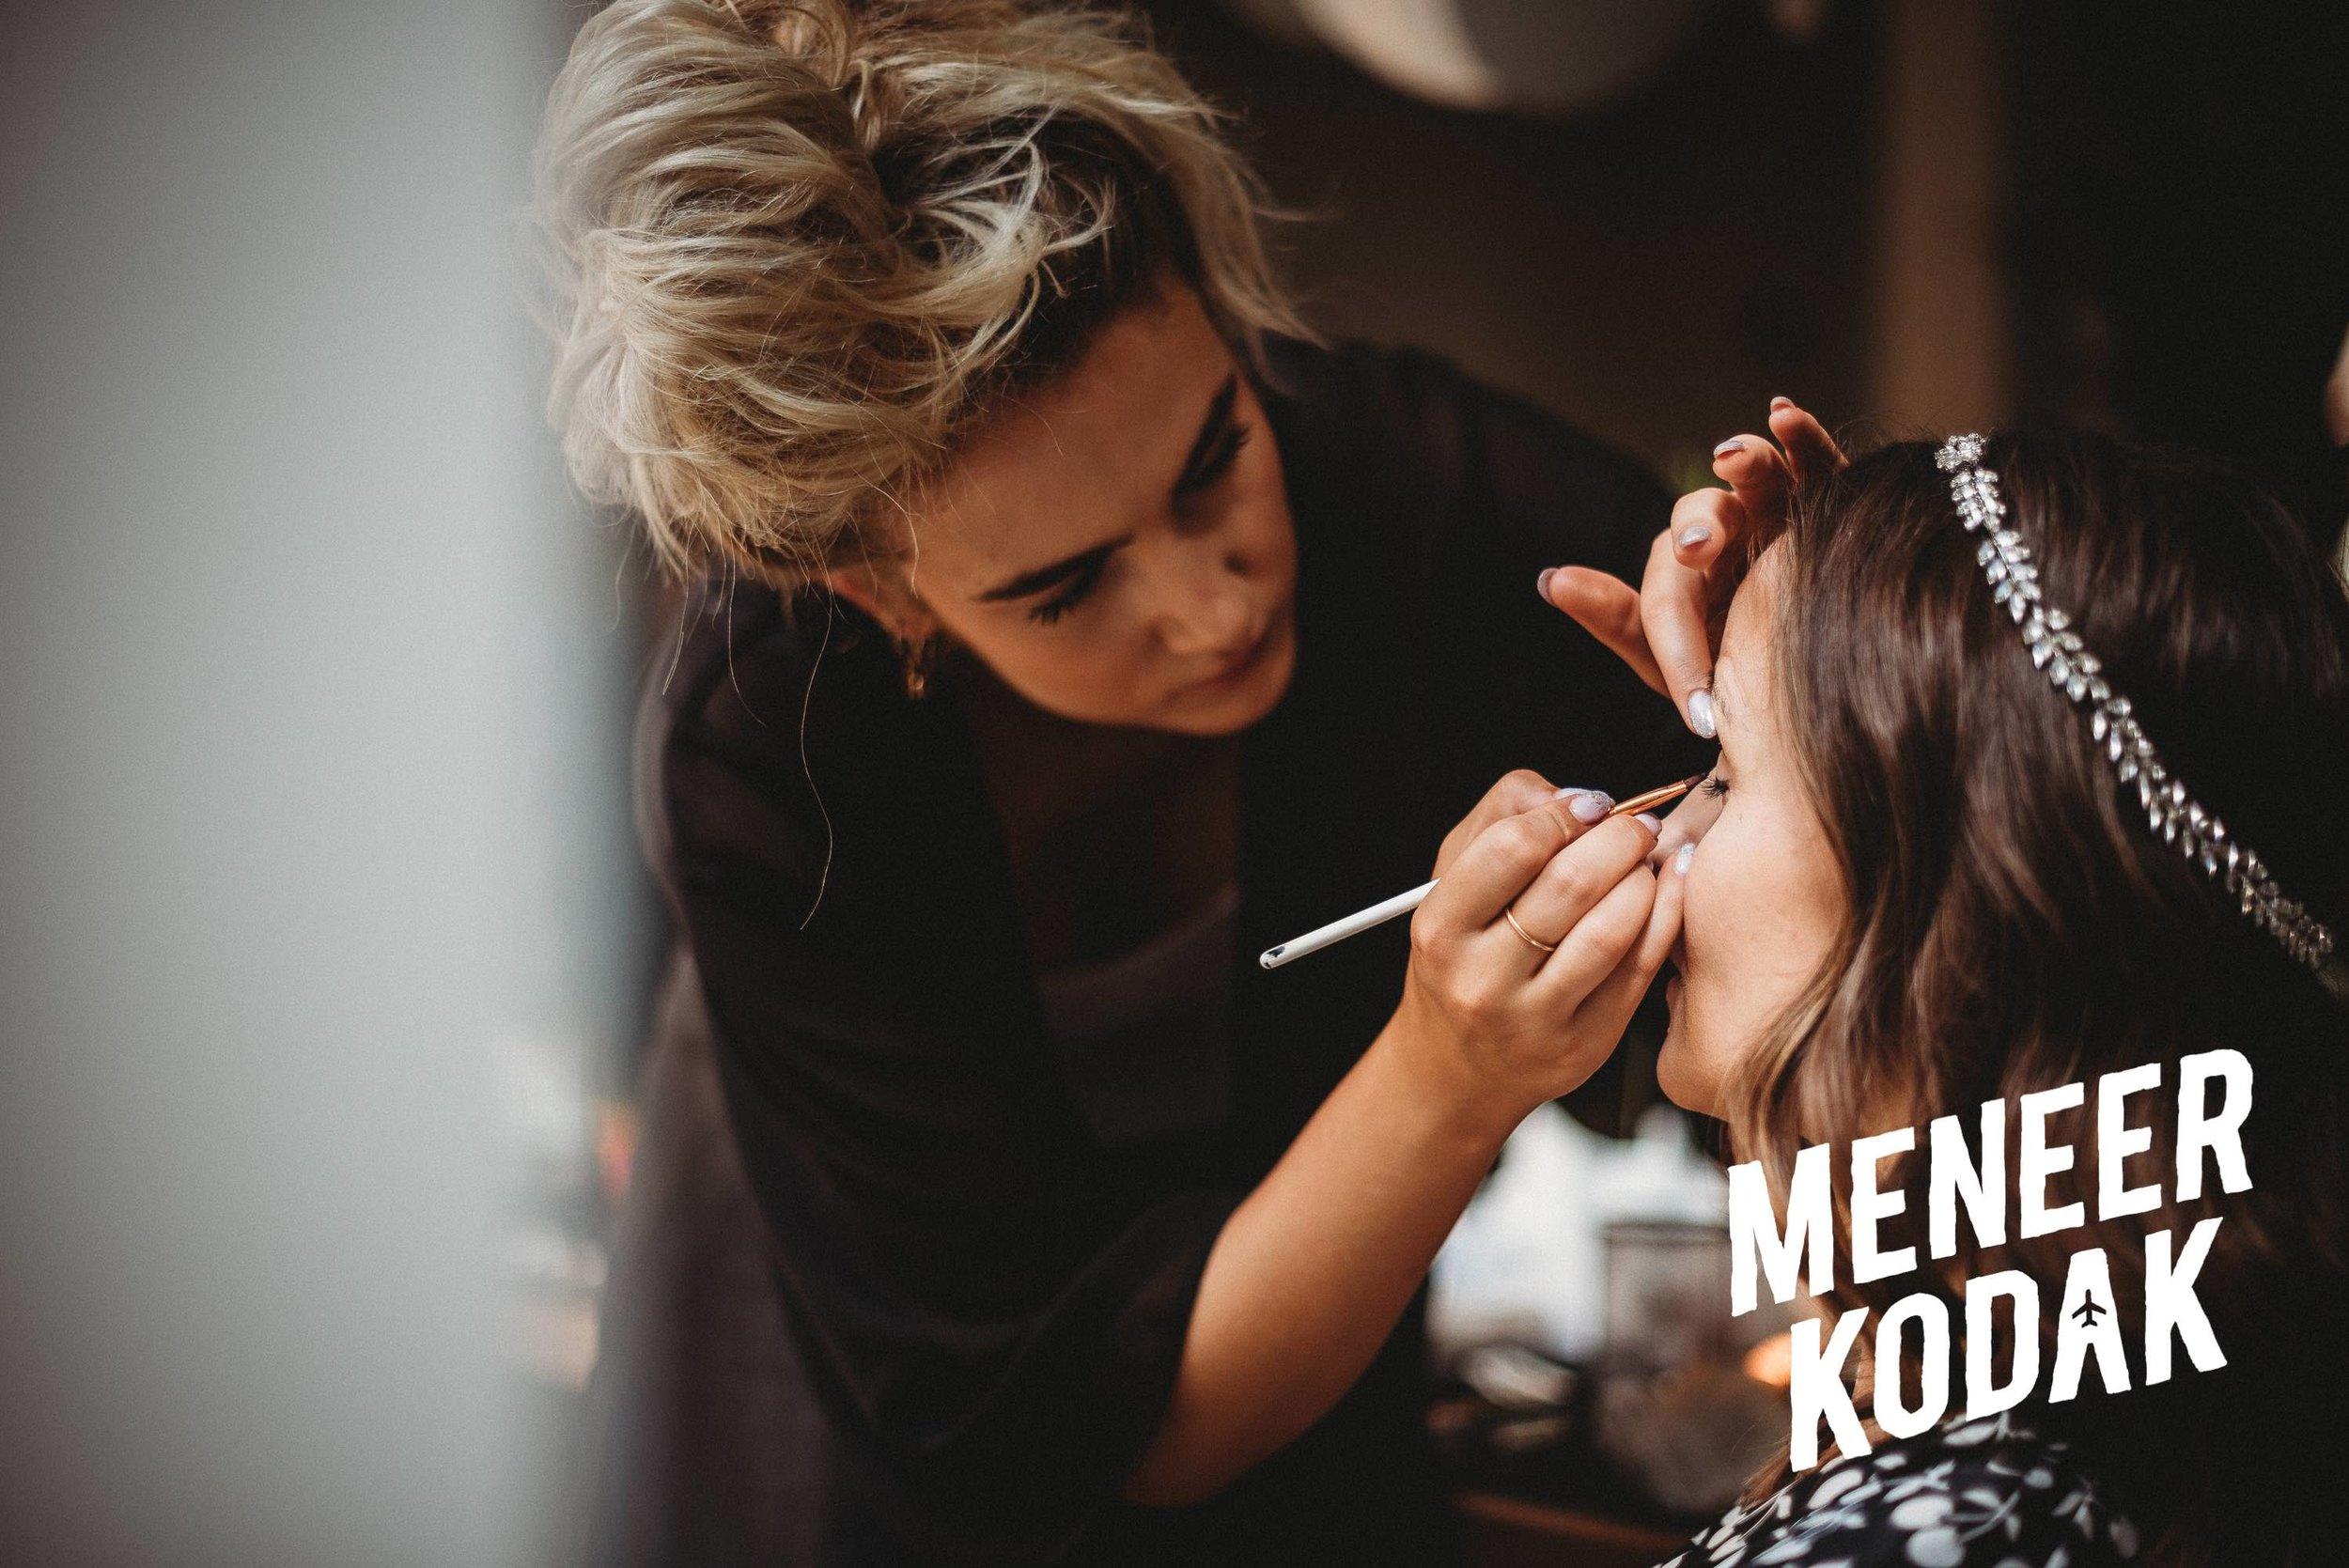 Meneer Kodak - Trouwfotograaf - Amsterdam - H&T-016.jpg